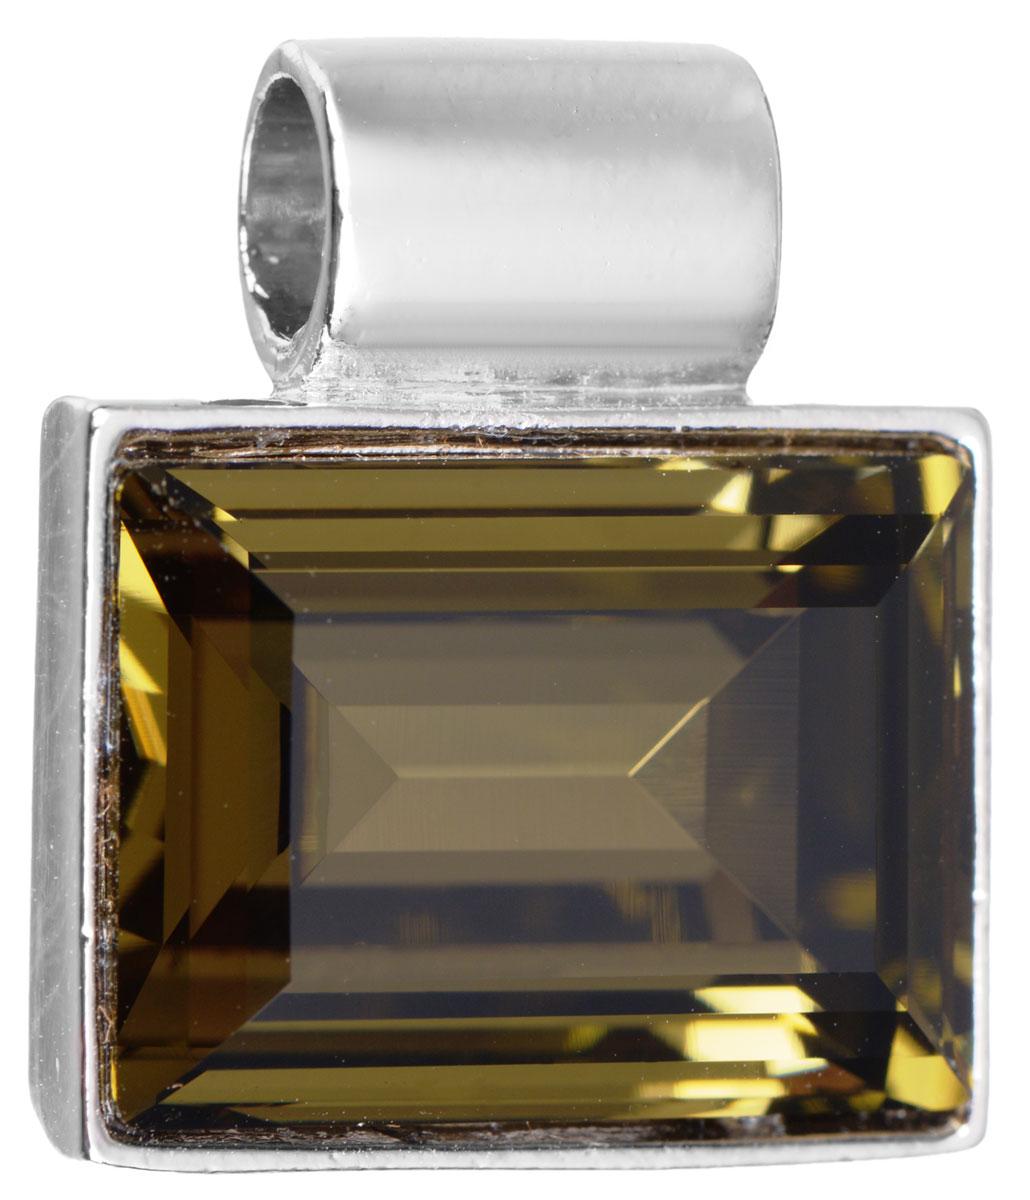 Подвеска Jenavi Тянада, цвет: серебряный, коричневый. k296f325Брошь-кулонПодвеска Jenavi Тянада выполнена из гипоаллергенного ювелирного сплава, оформлена покрытием из серебра и родия. Подвеска прямоугольной формы дополнена граненым кристаллом Swarovski.Изделие имеет отверстие, которое позволит использовать цепочку любого диаметра.Подвеска Jenavi Тянада поможет дополнить любой образ и привнести в него завершающий яркий штрих.